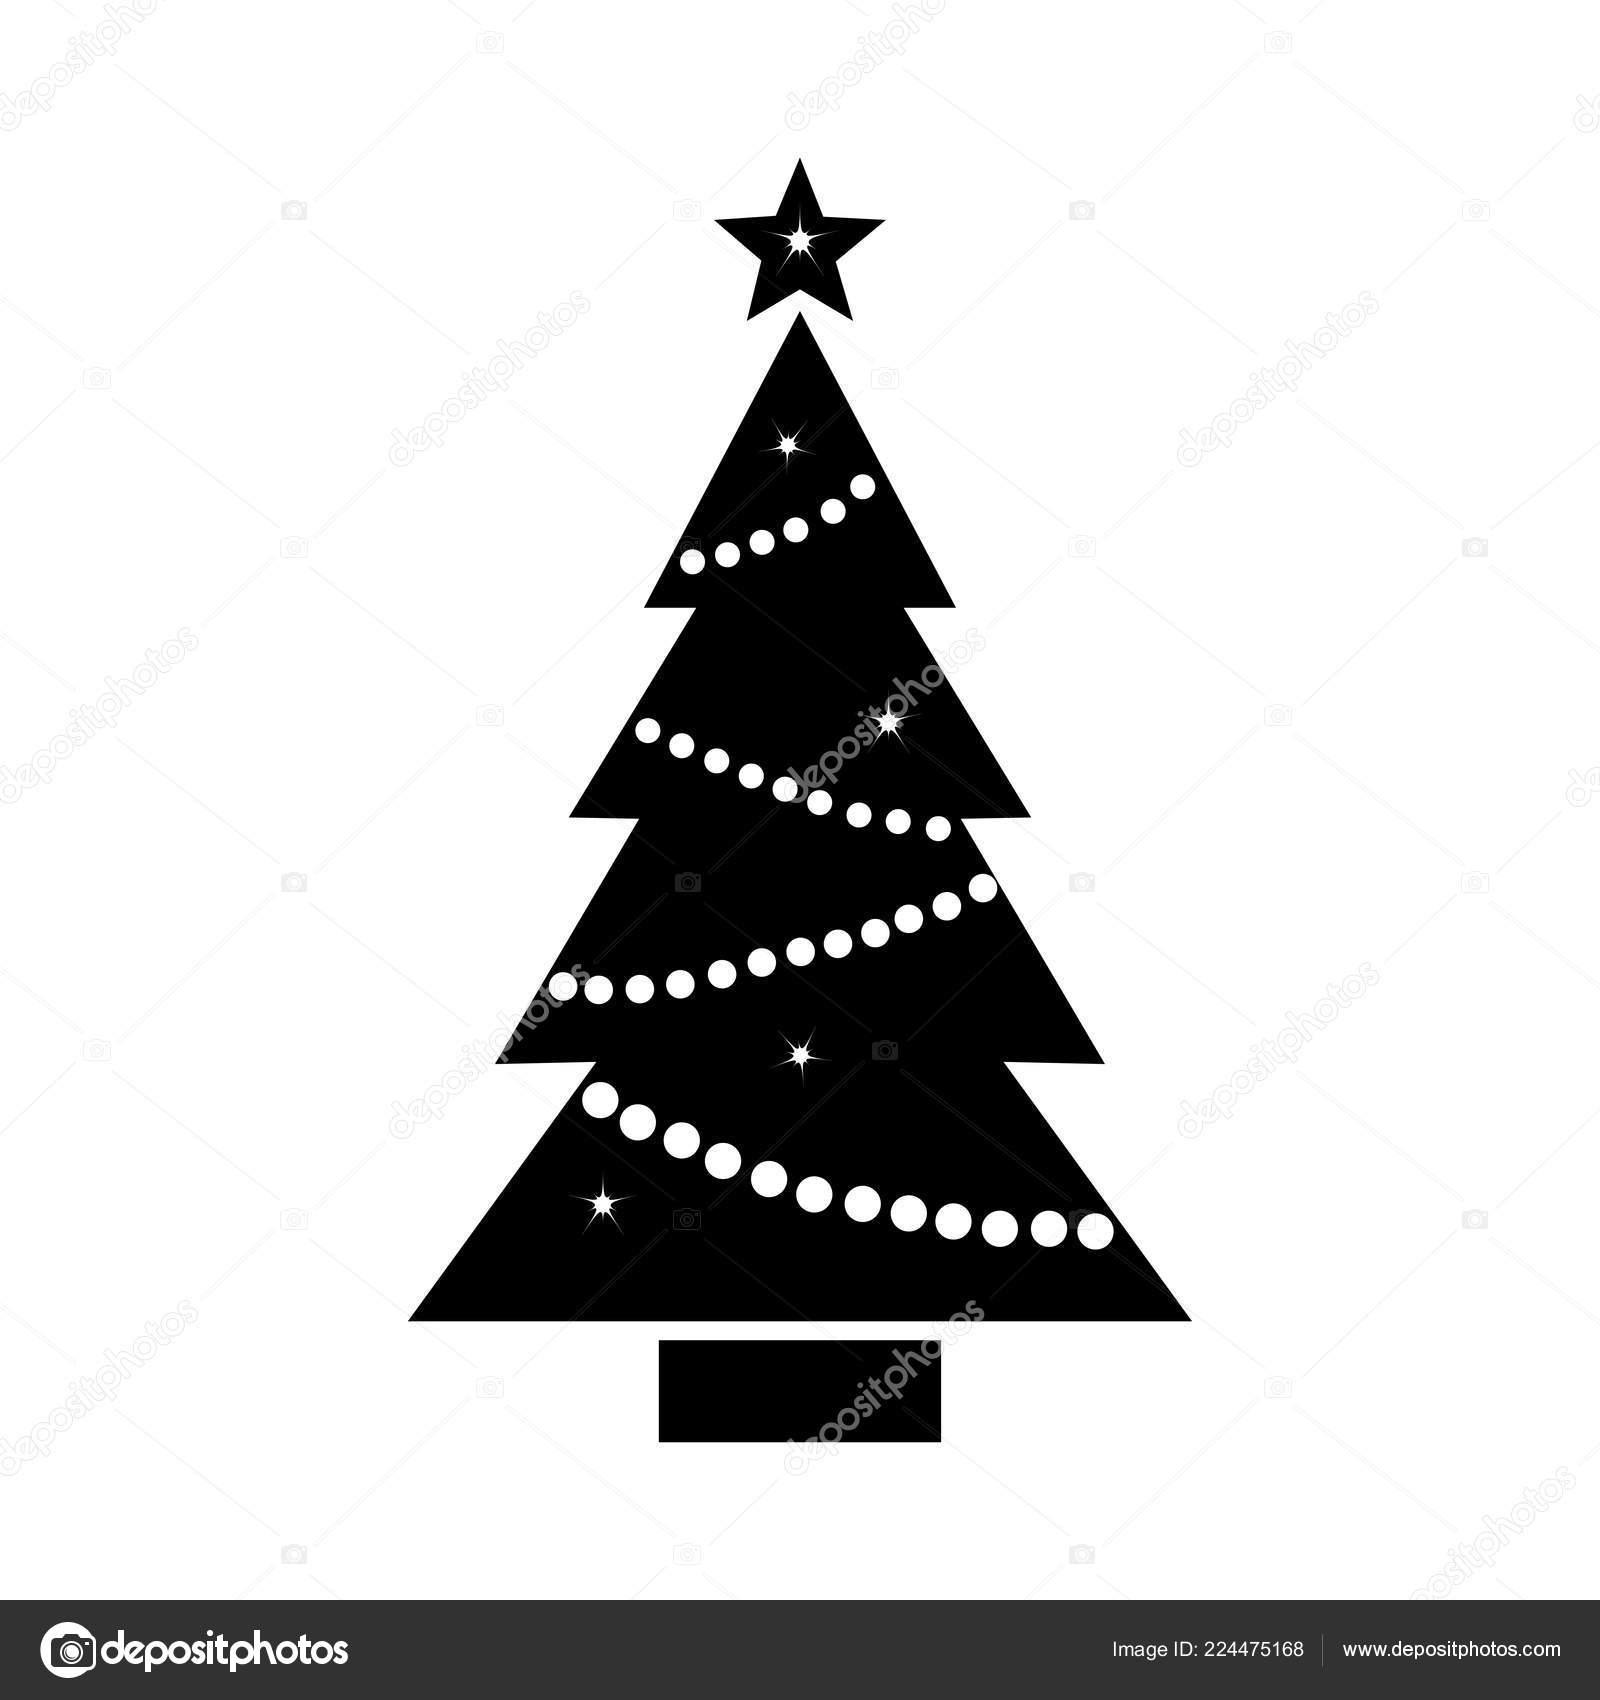 Weihnachtsbaum Schwarz.Weihnachtsbaum Symbol Mit Stern Und Kranz Schwarz Weiß Silhouette